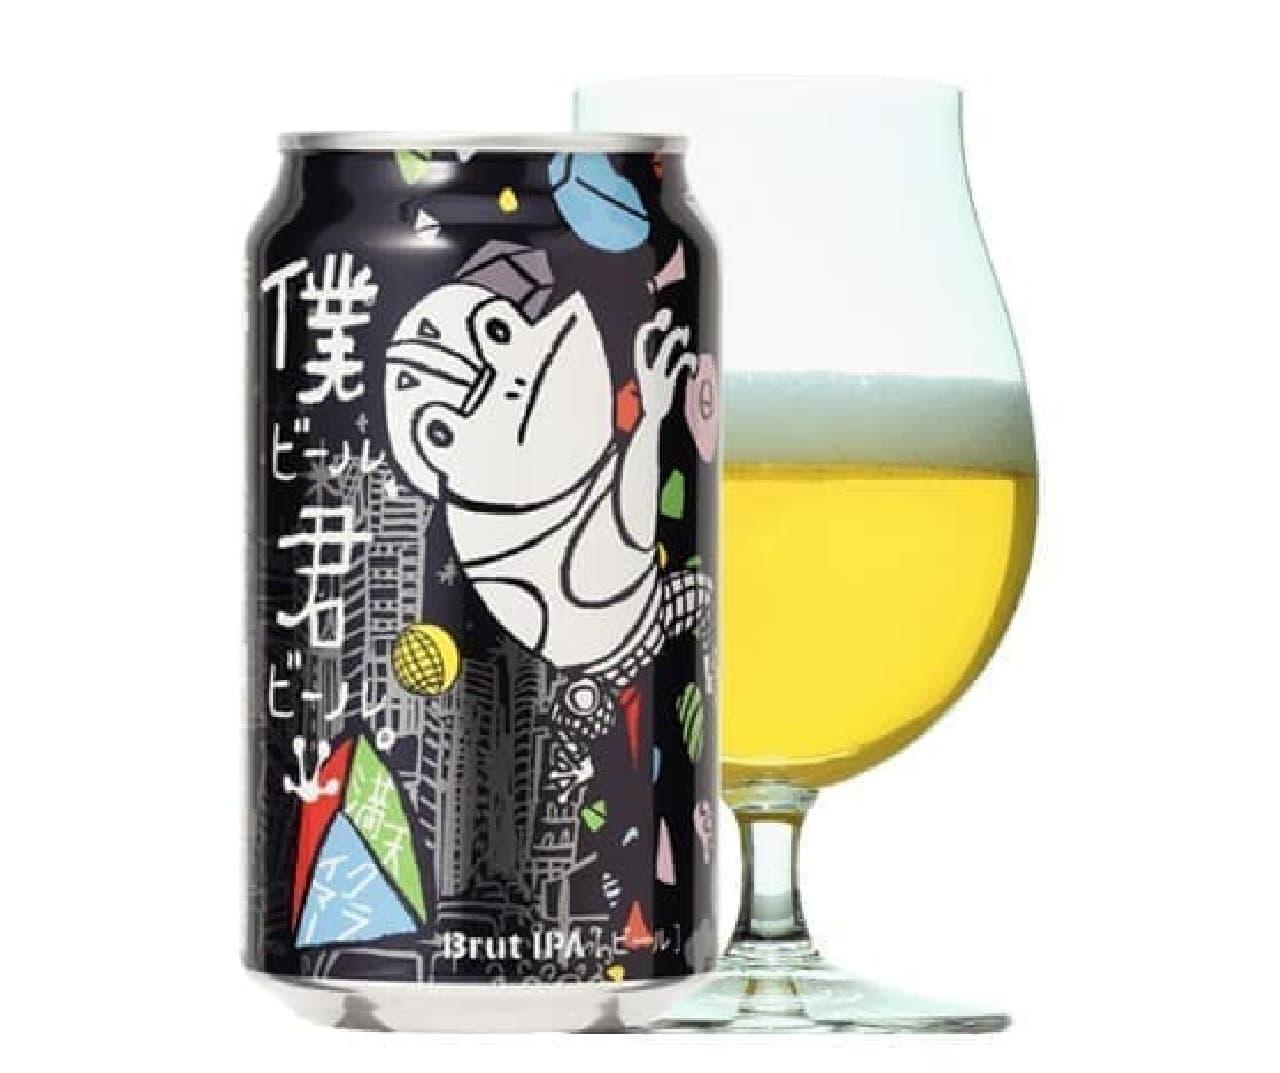 ヤッホーブルーイングとローソンが共同開発した「僕ビール、君ビール。満天クライマー」